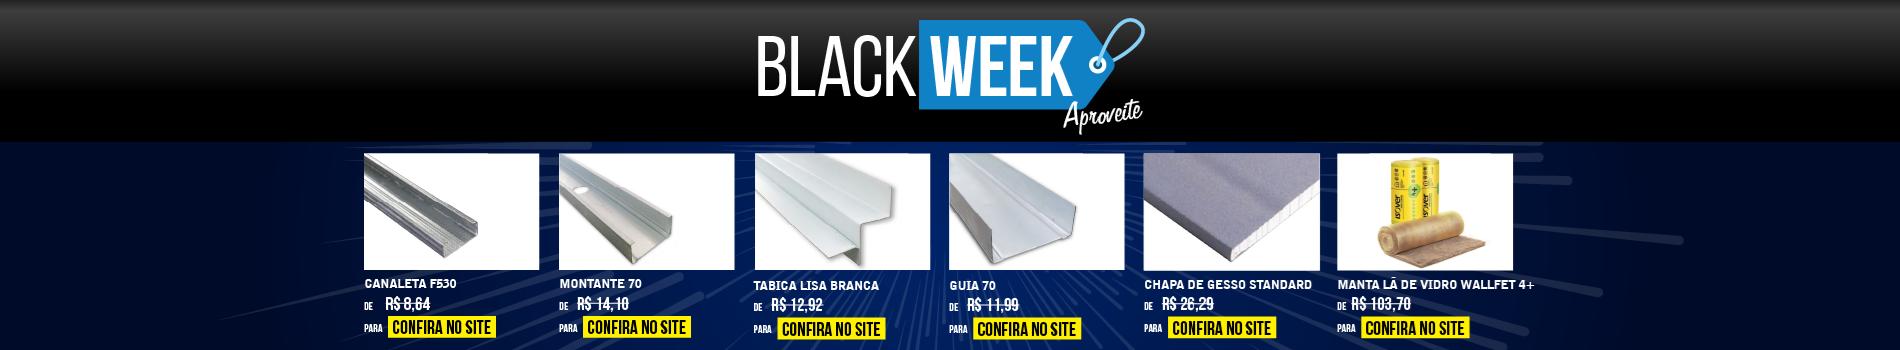 produtos black week